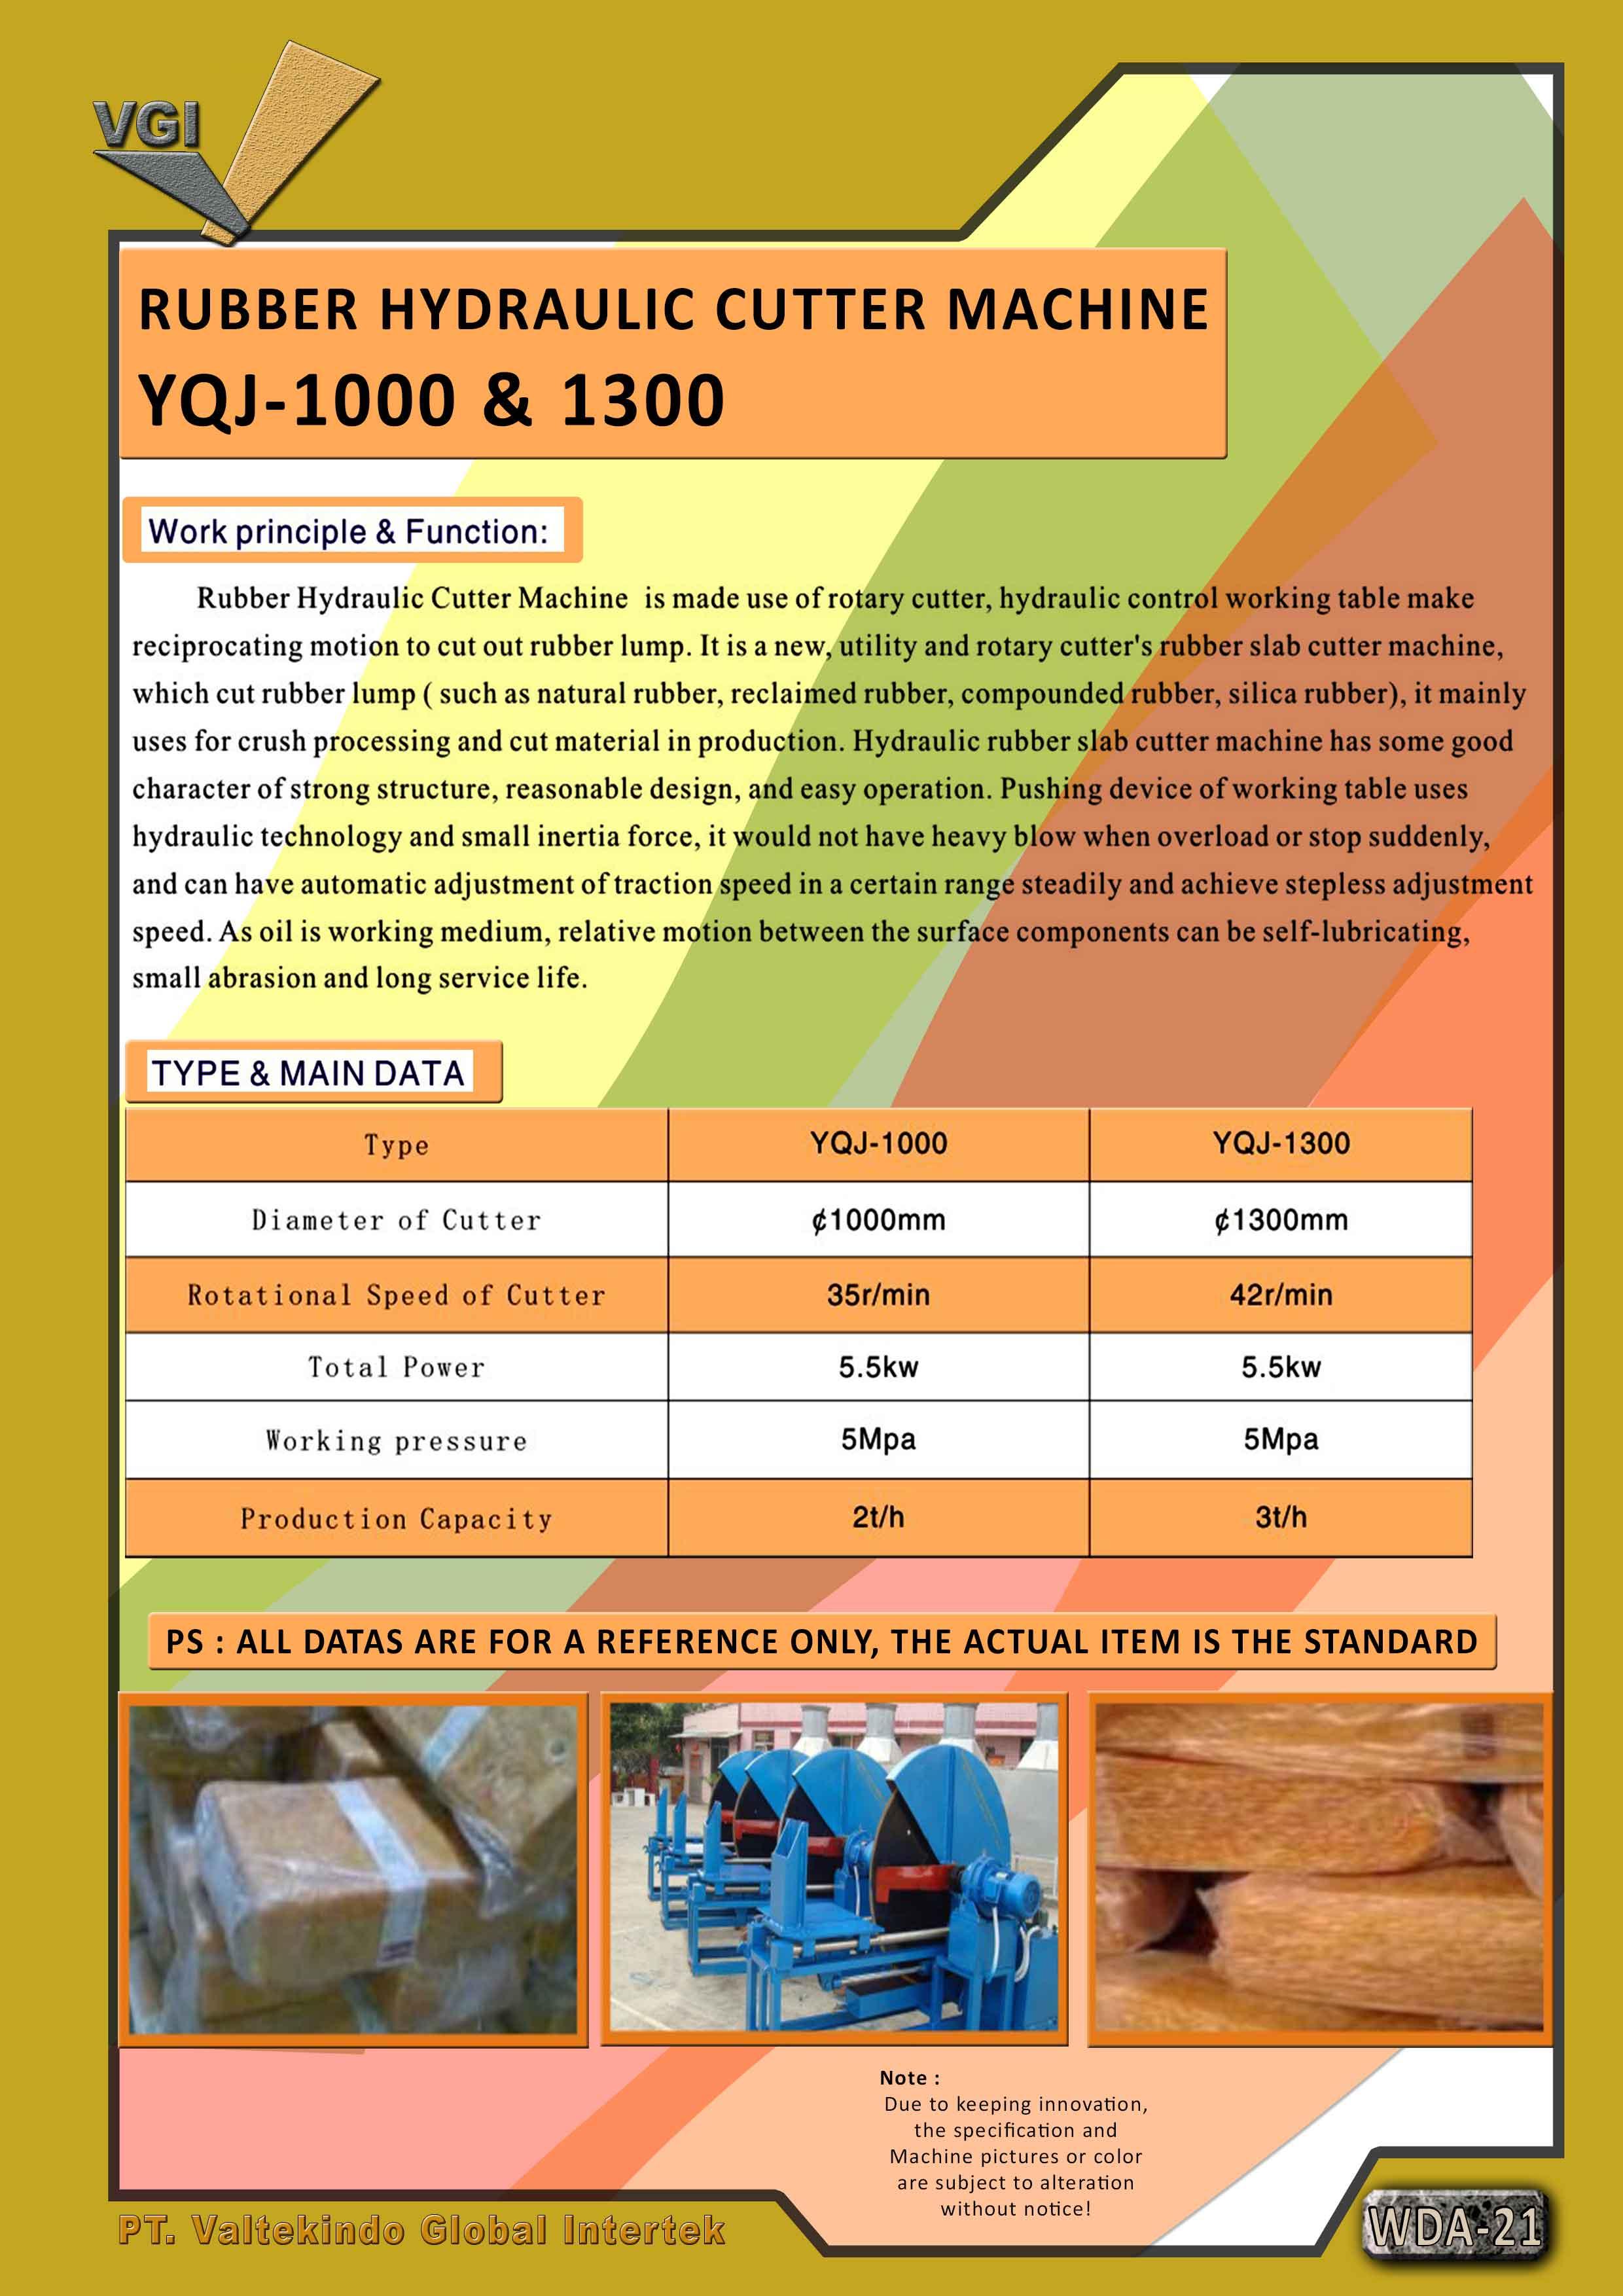 jual mesin Rubber Hydraulic Cutter Machine Rubber Hydraulic Cutter Machine